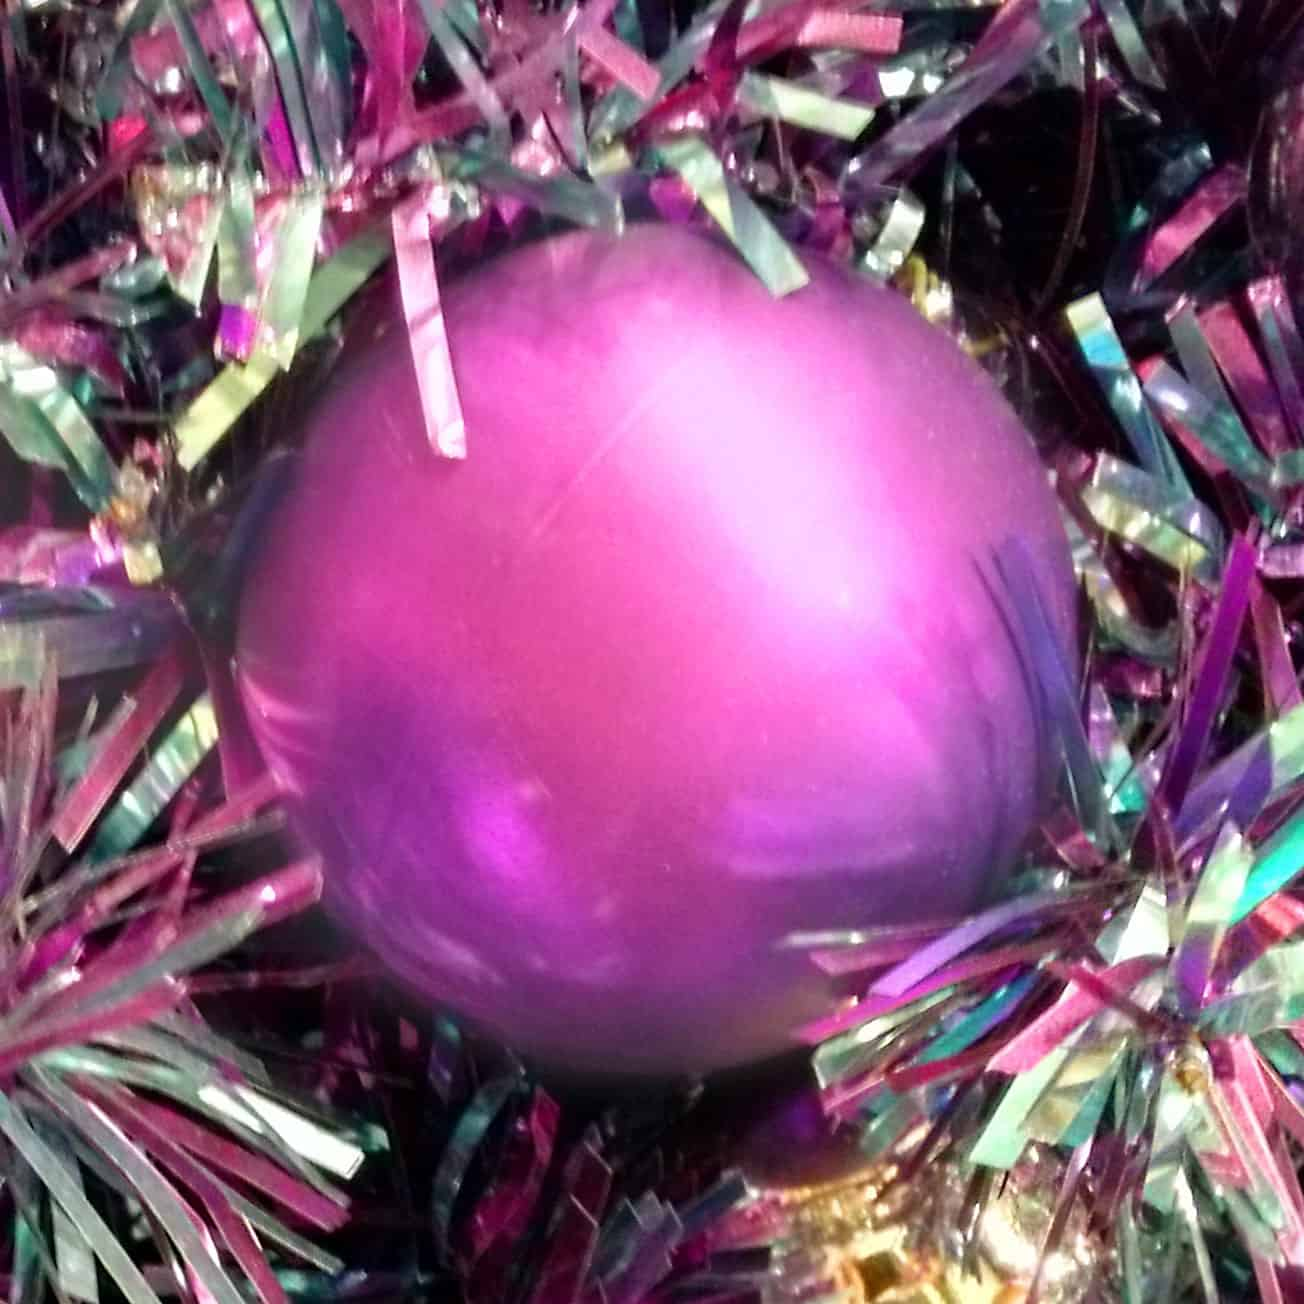 Seit Wann Gibt Es Christbaumkugeln.Weihnachtskugeln Unzerbrechlich Christbaumkugeln